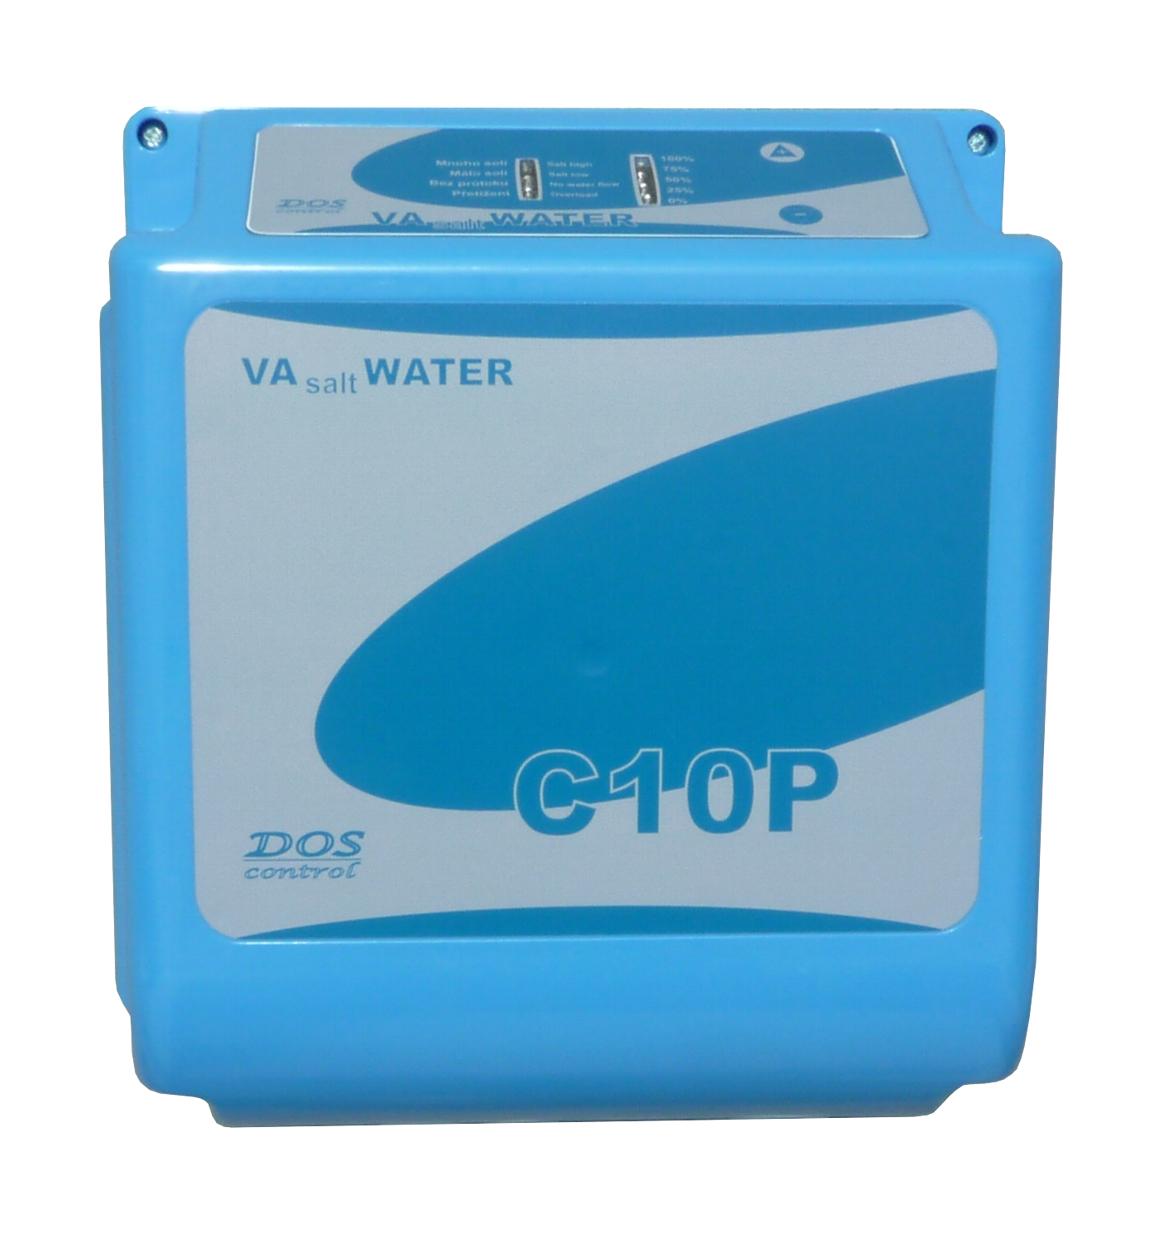 VA Salt Water C10P